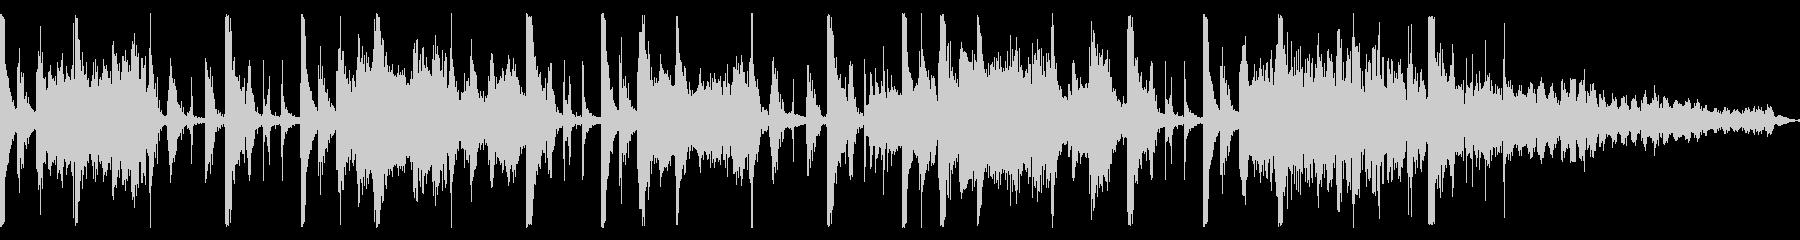 ムーディーなレトロフューチャーサウンドの未再生の波形